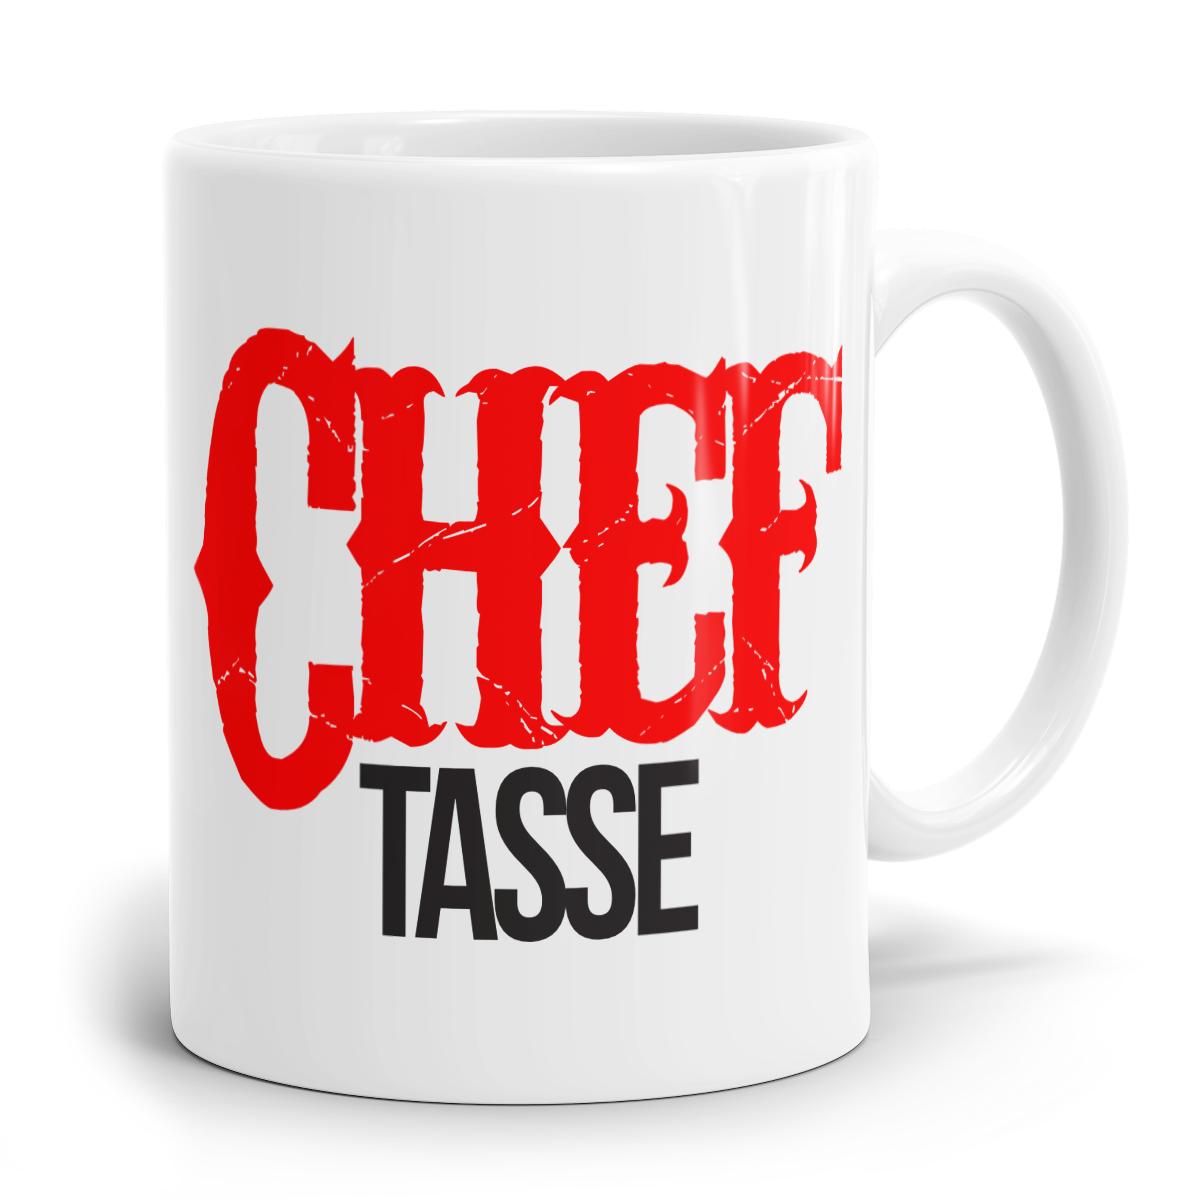 Chef Tasse Kaffeebecher. Bedruckte Sprüche Tasse